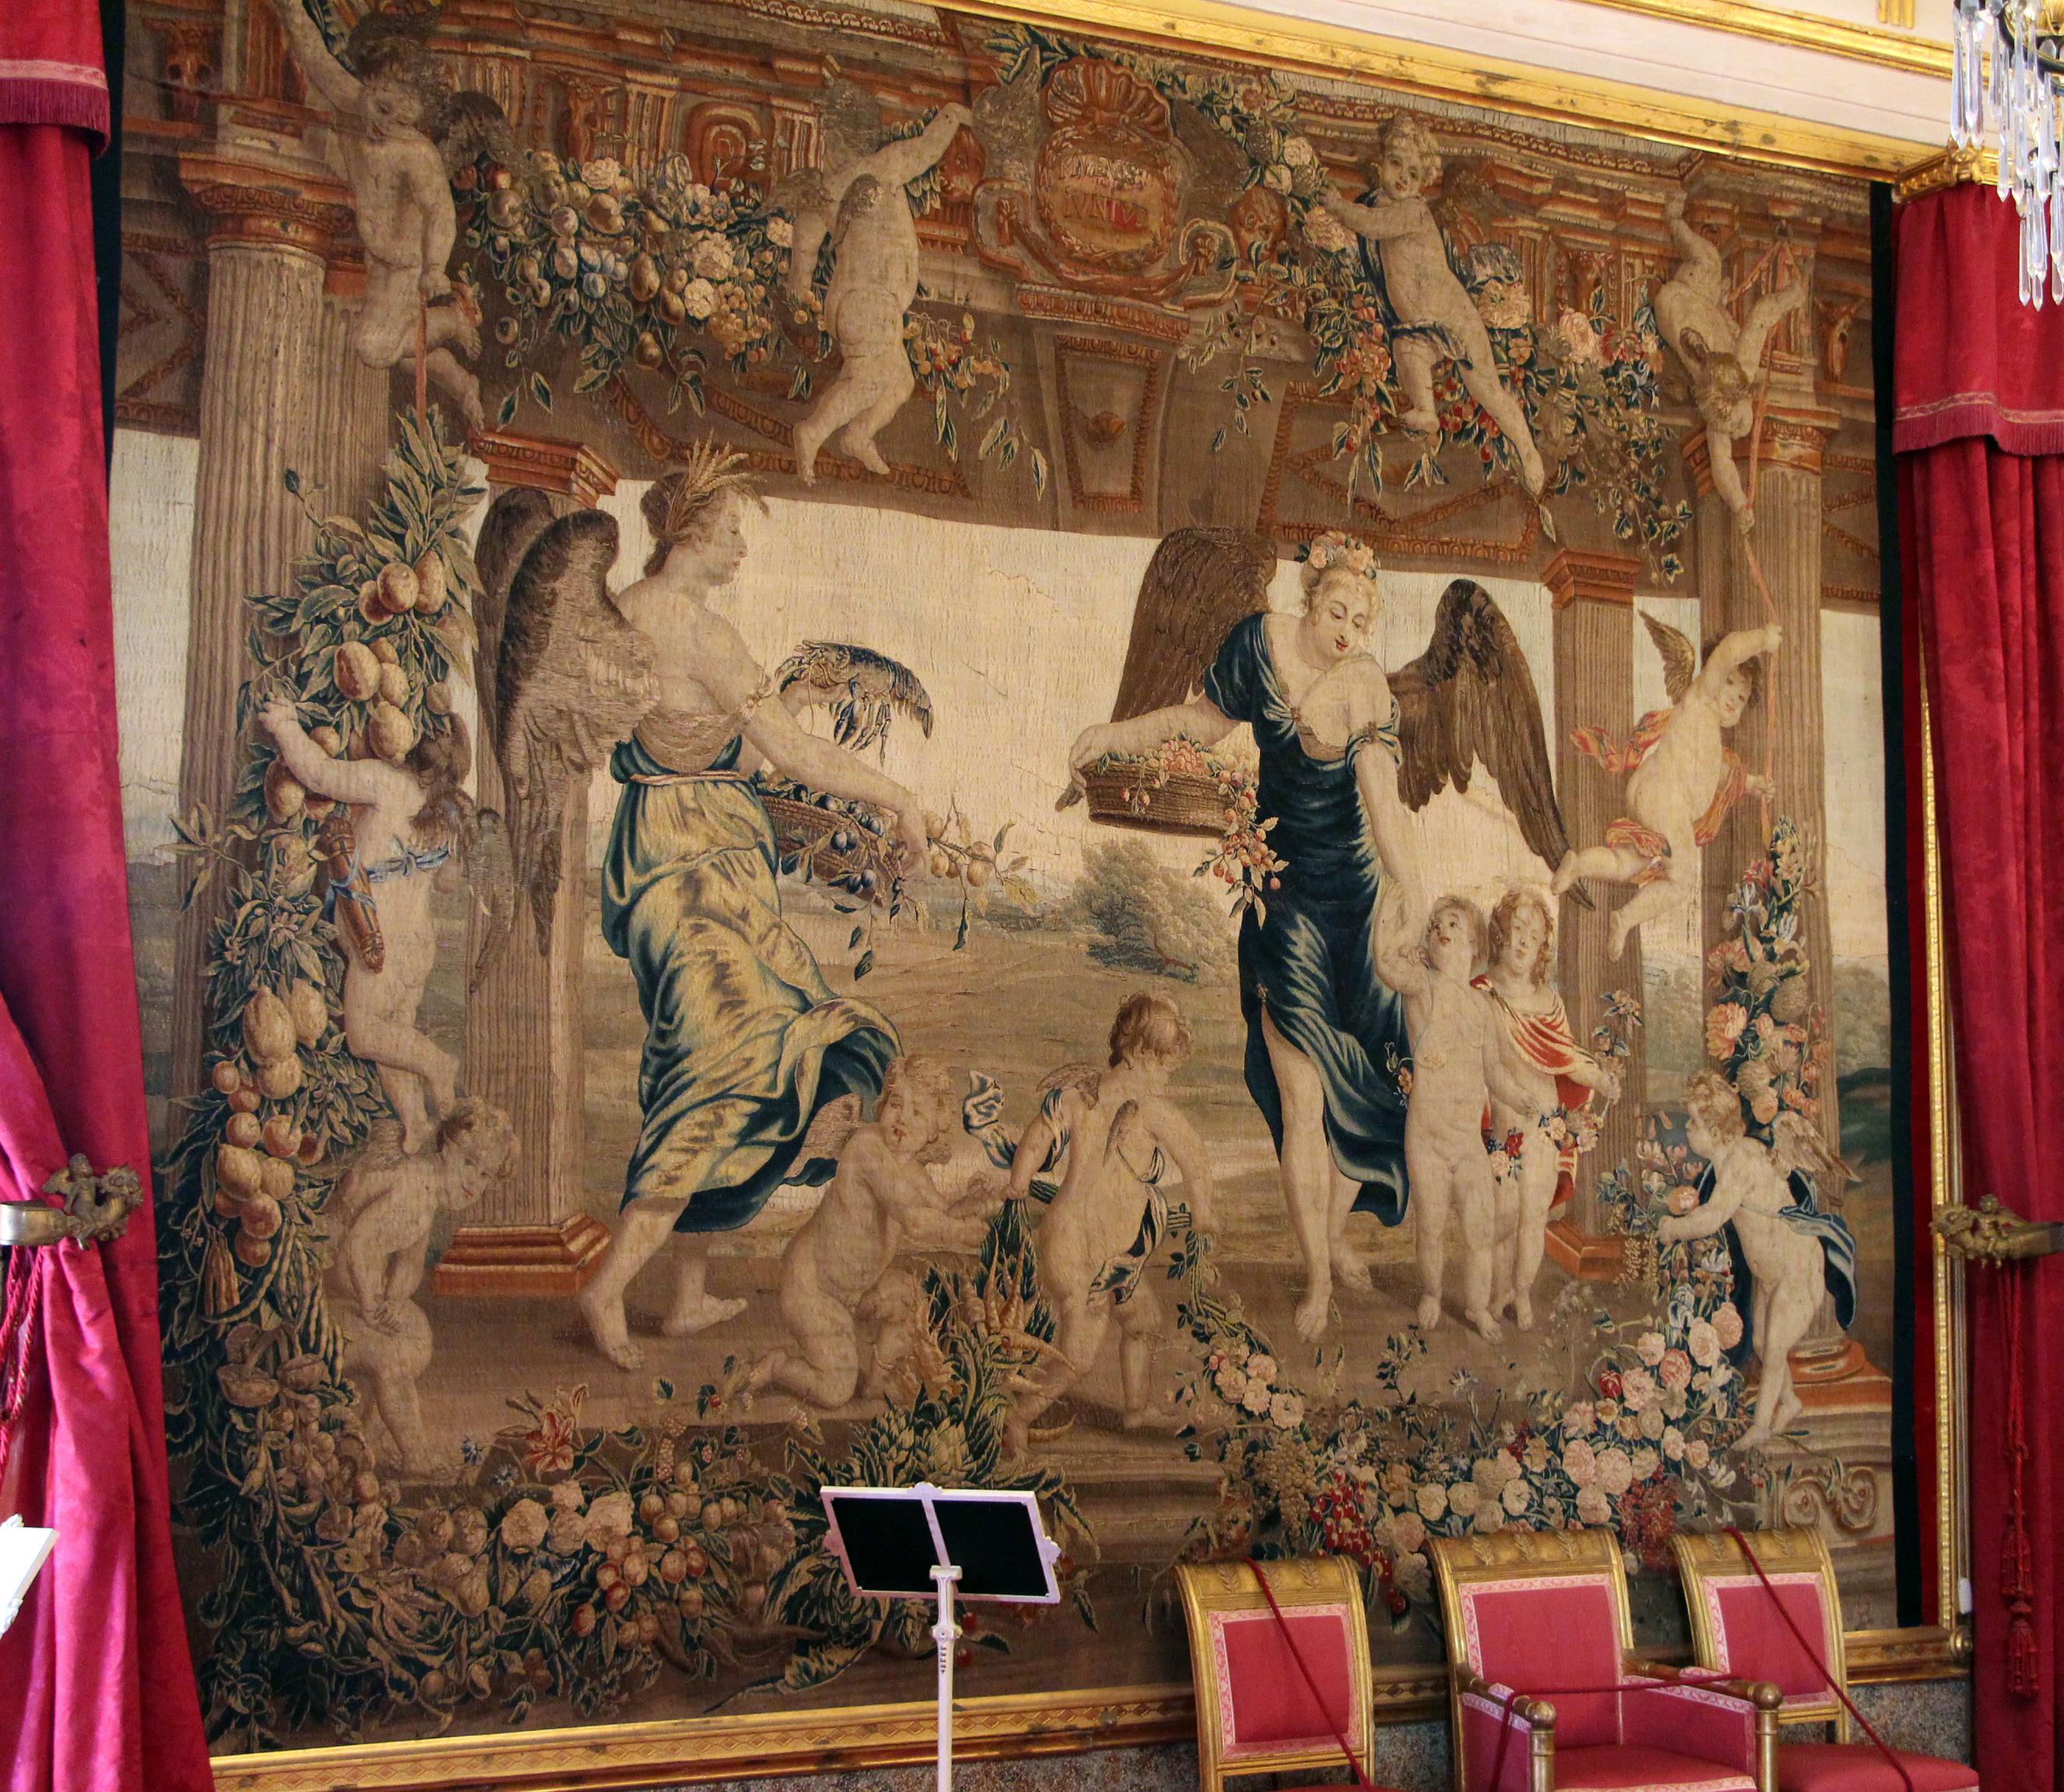 Sala Da Pranzo O Sala Rossa Arazzi Fiamminghi Dalla Reggia Di Colorno #A02B3B 2653 2304 Sala Da Pranzo Dell'antica Casa Romana